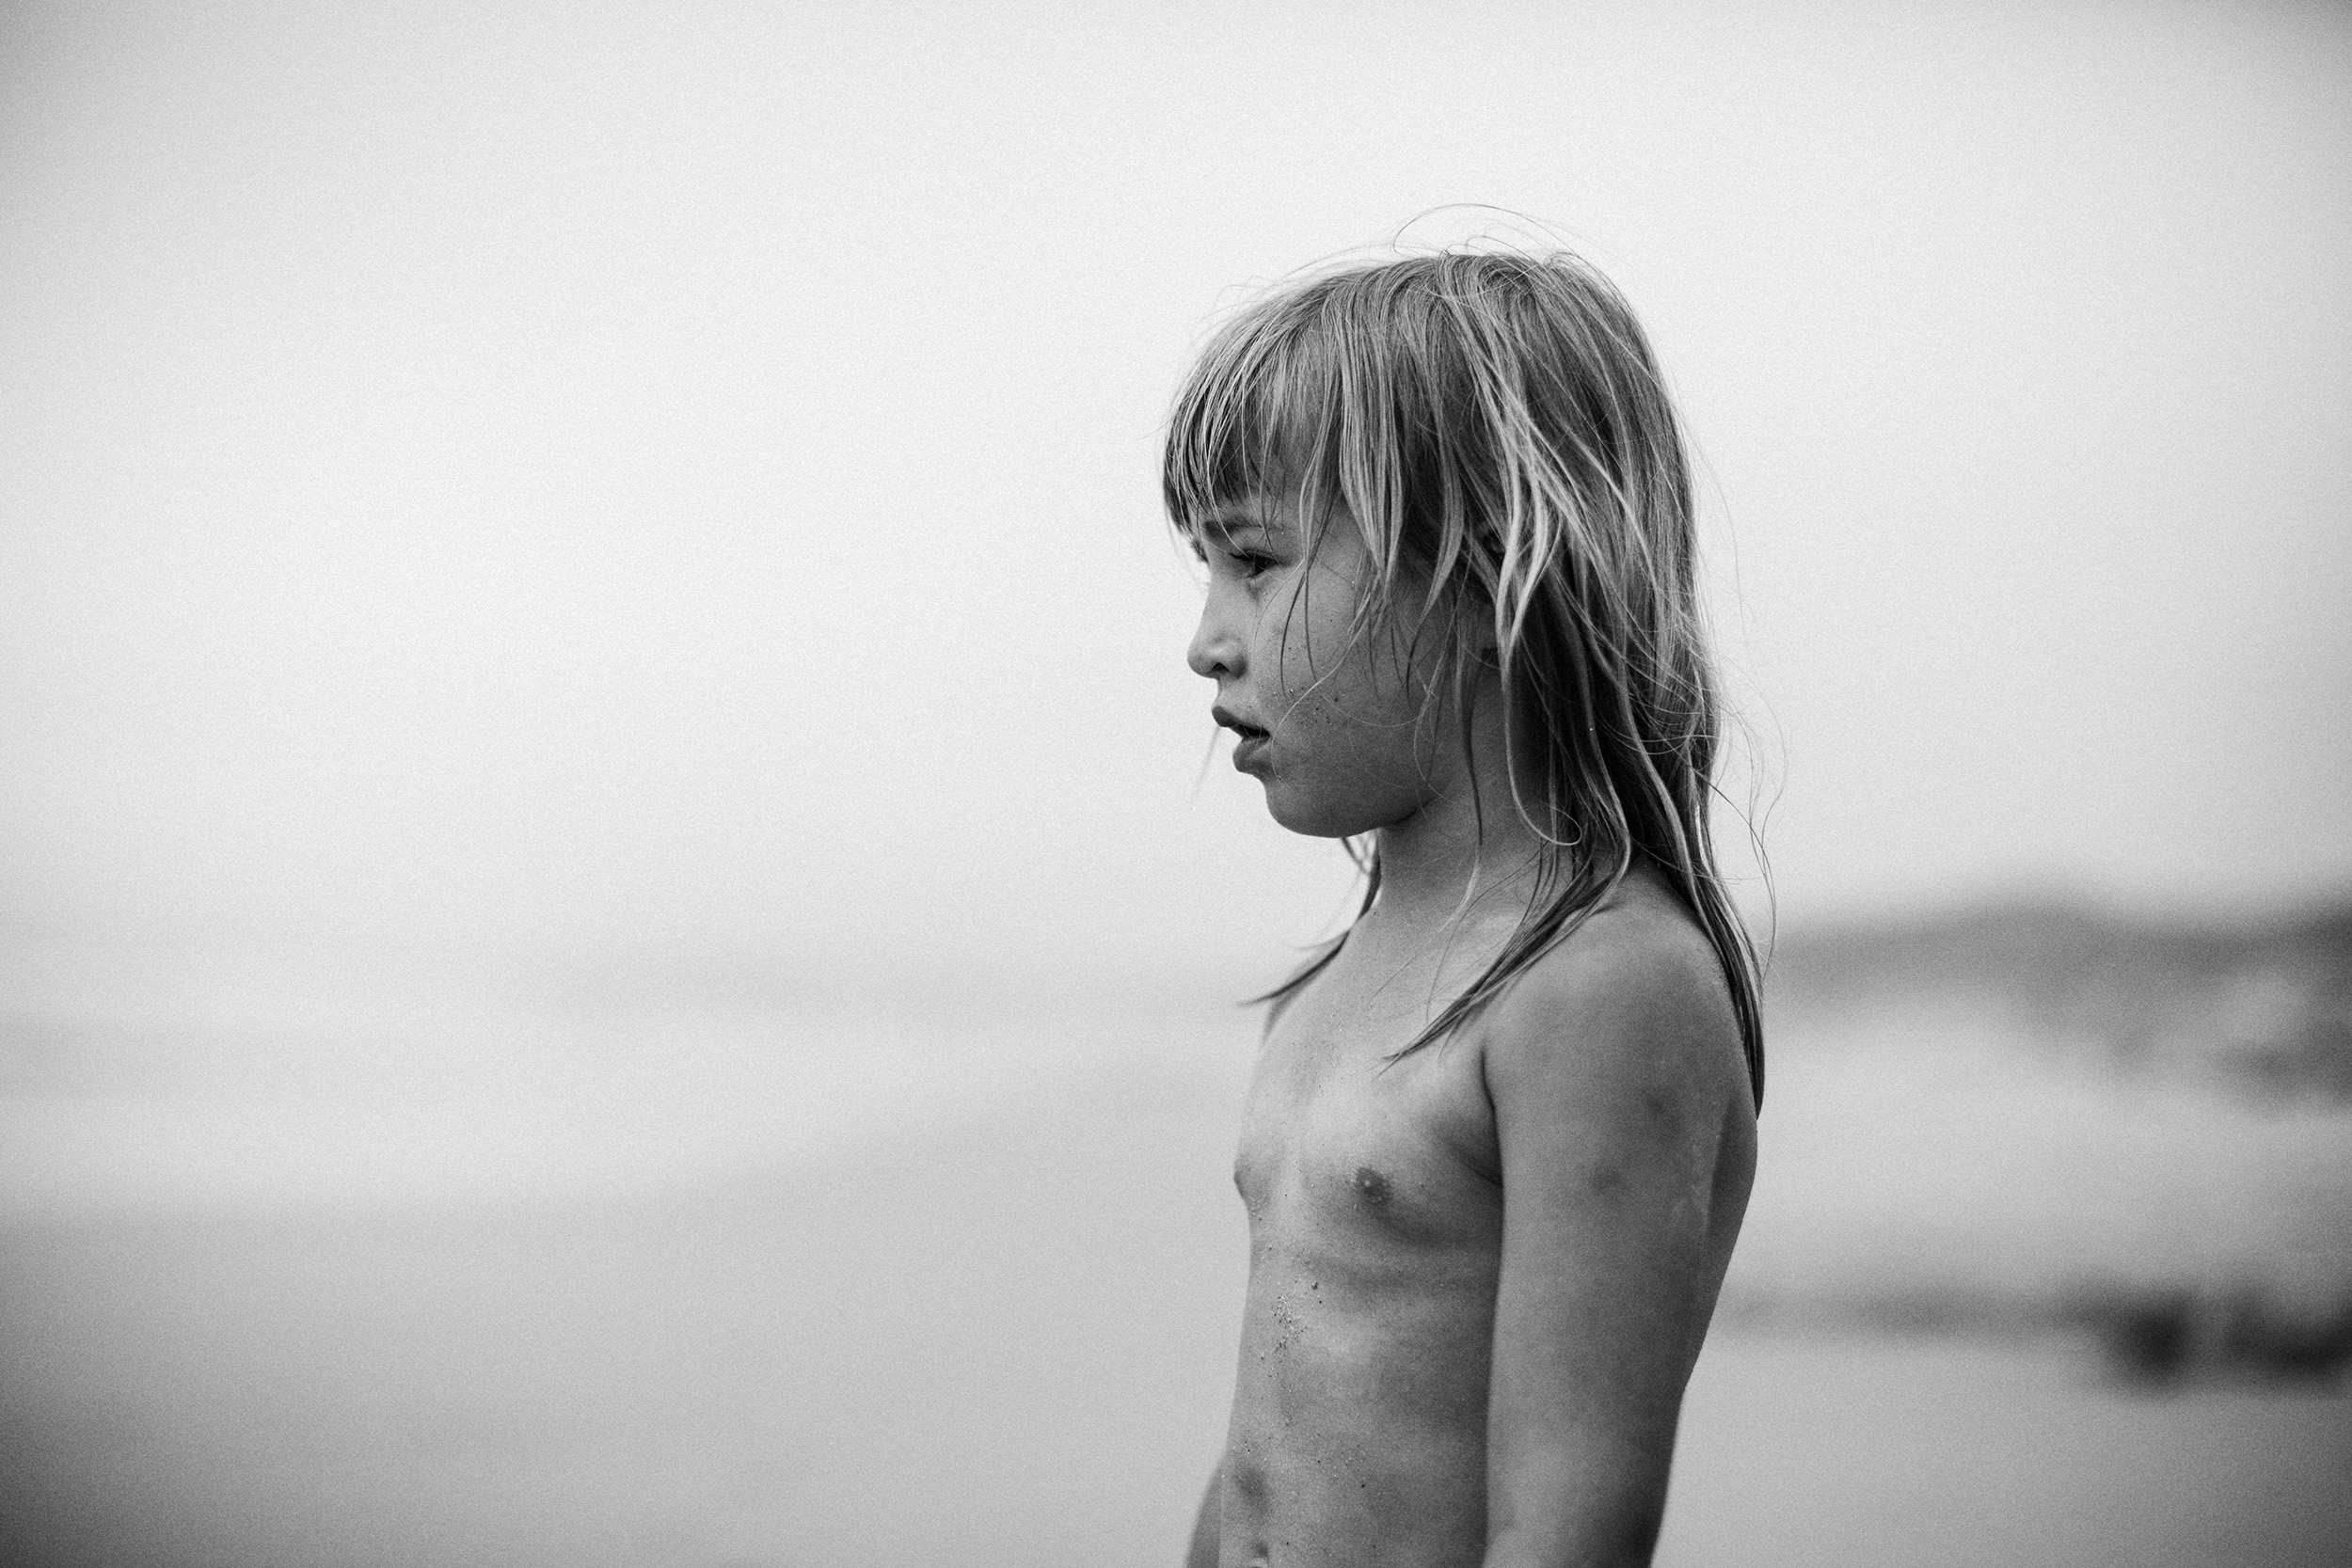 fotograf_nicki_twang_zelda_front